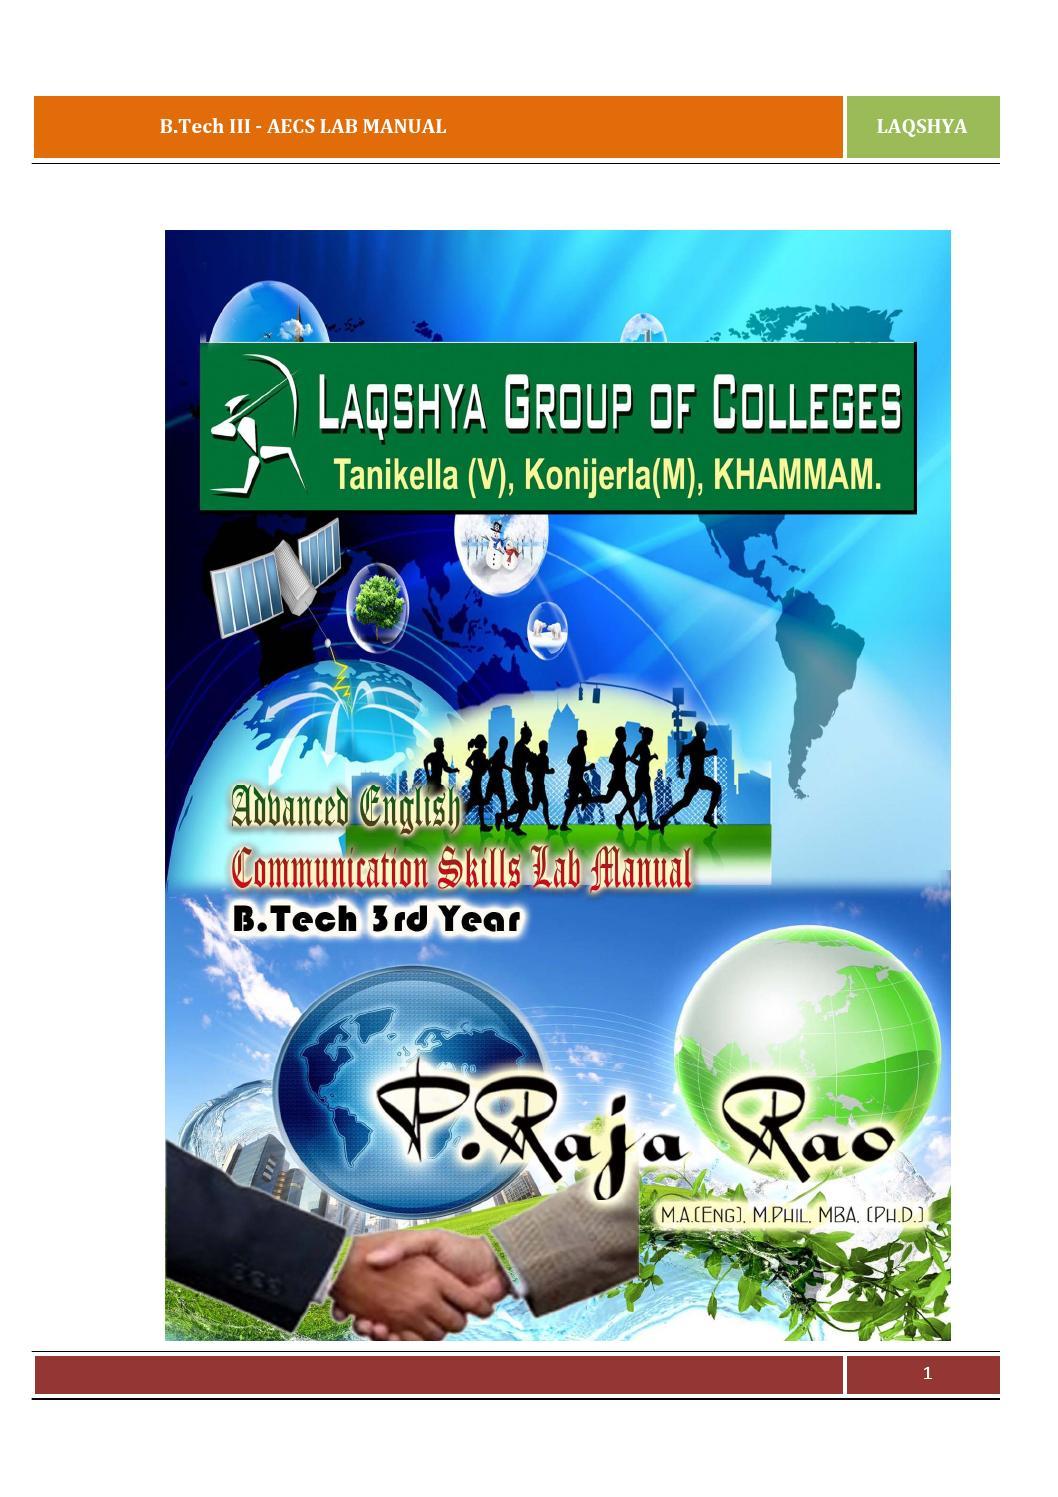 ADVANCED ENGLISH COMMUNICATION SKILLS LAB MANUAL (AECS LAB MANUAL) FOR  B.TECH 3RD YEAR by Raja Ramesh - issuu